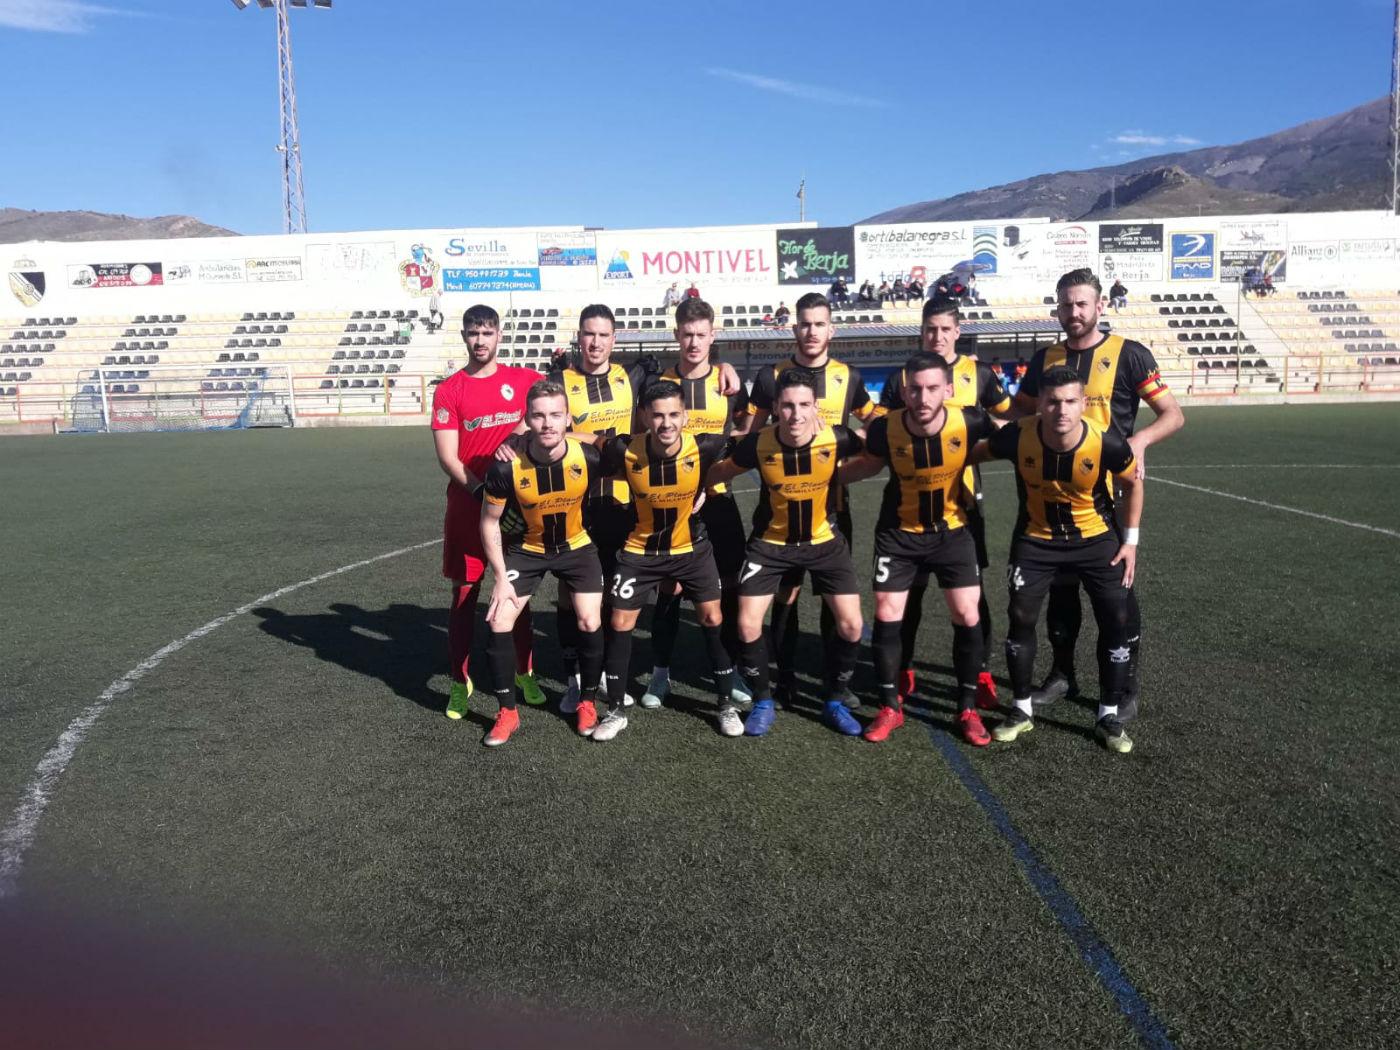 El Berja CF logra una gran victoria ante el Cártama y recupera el segundo puesto con Fede de goleador